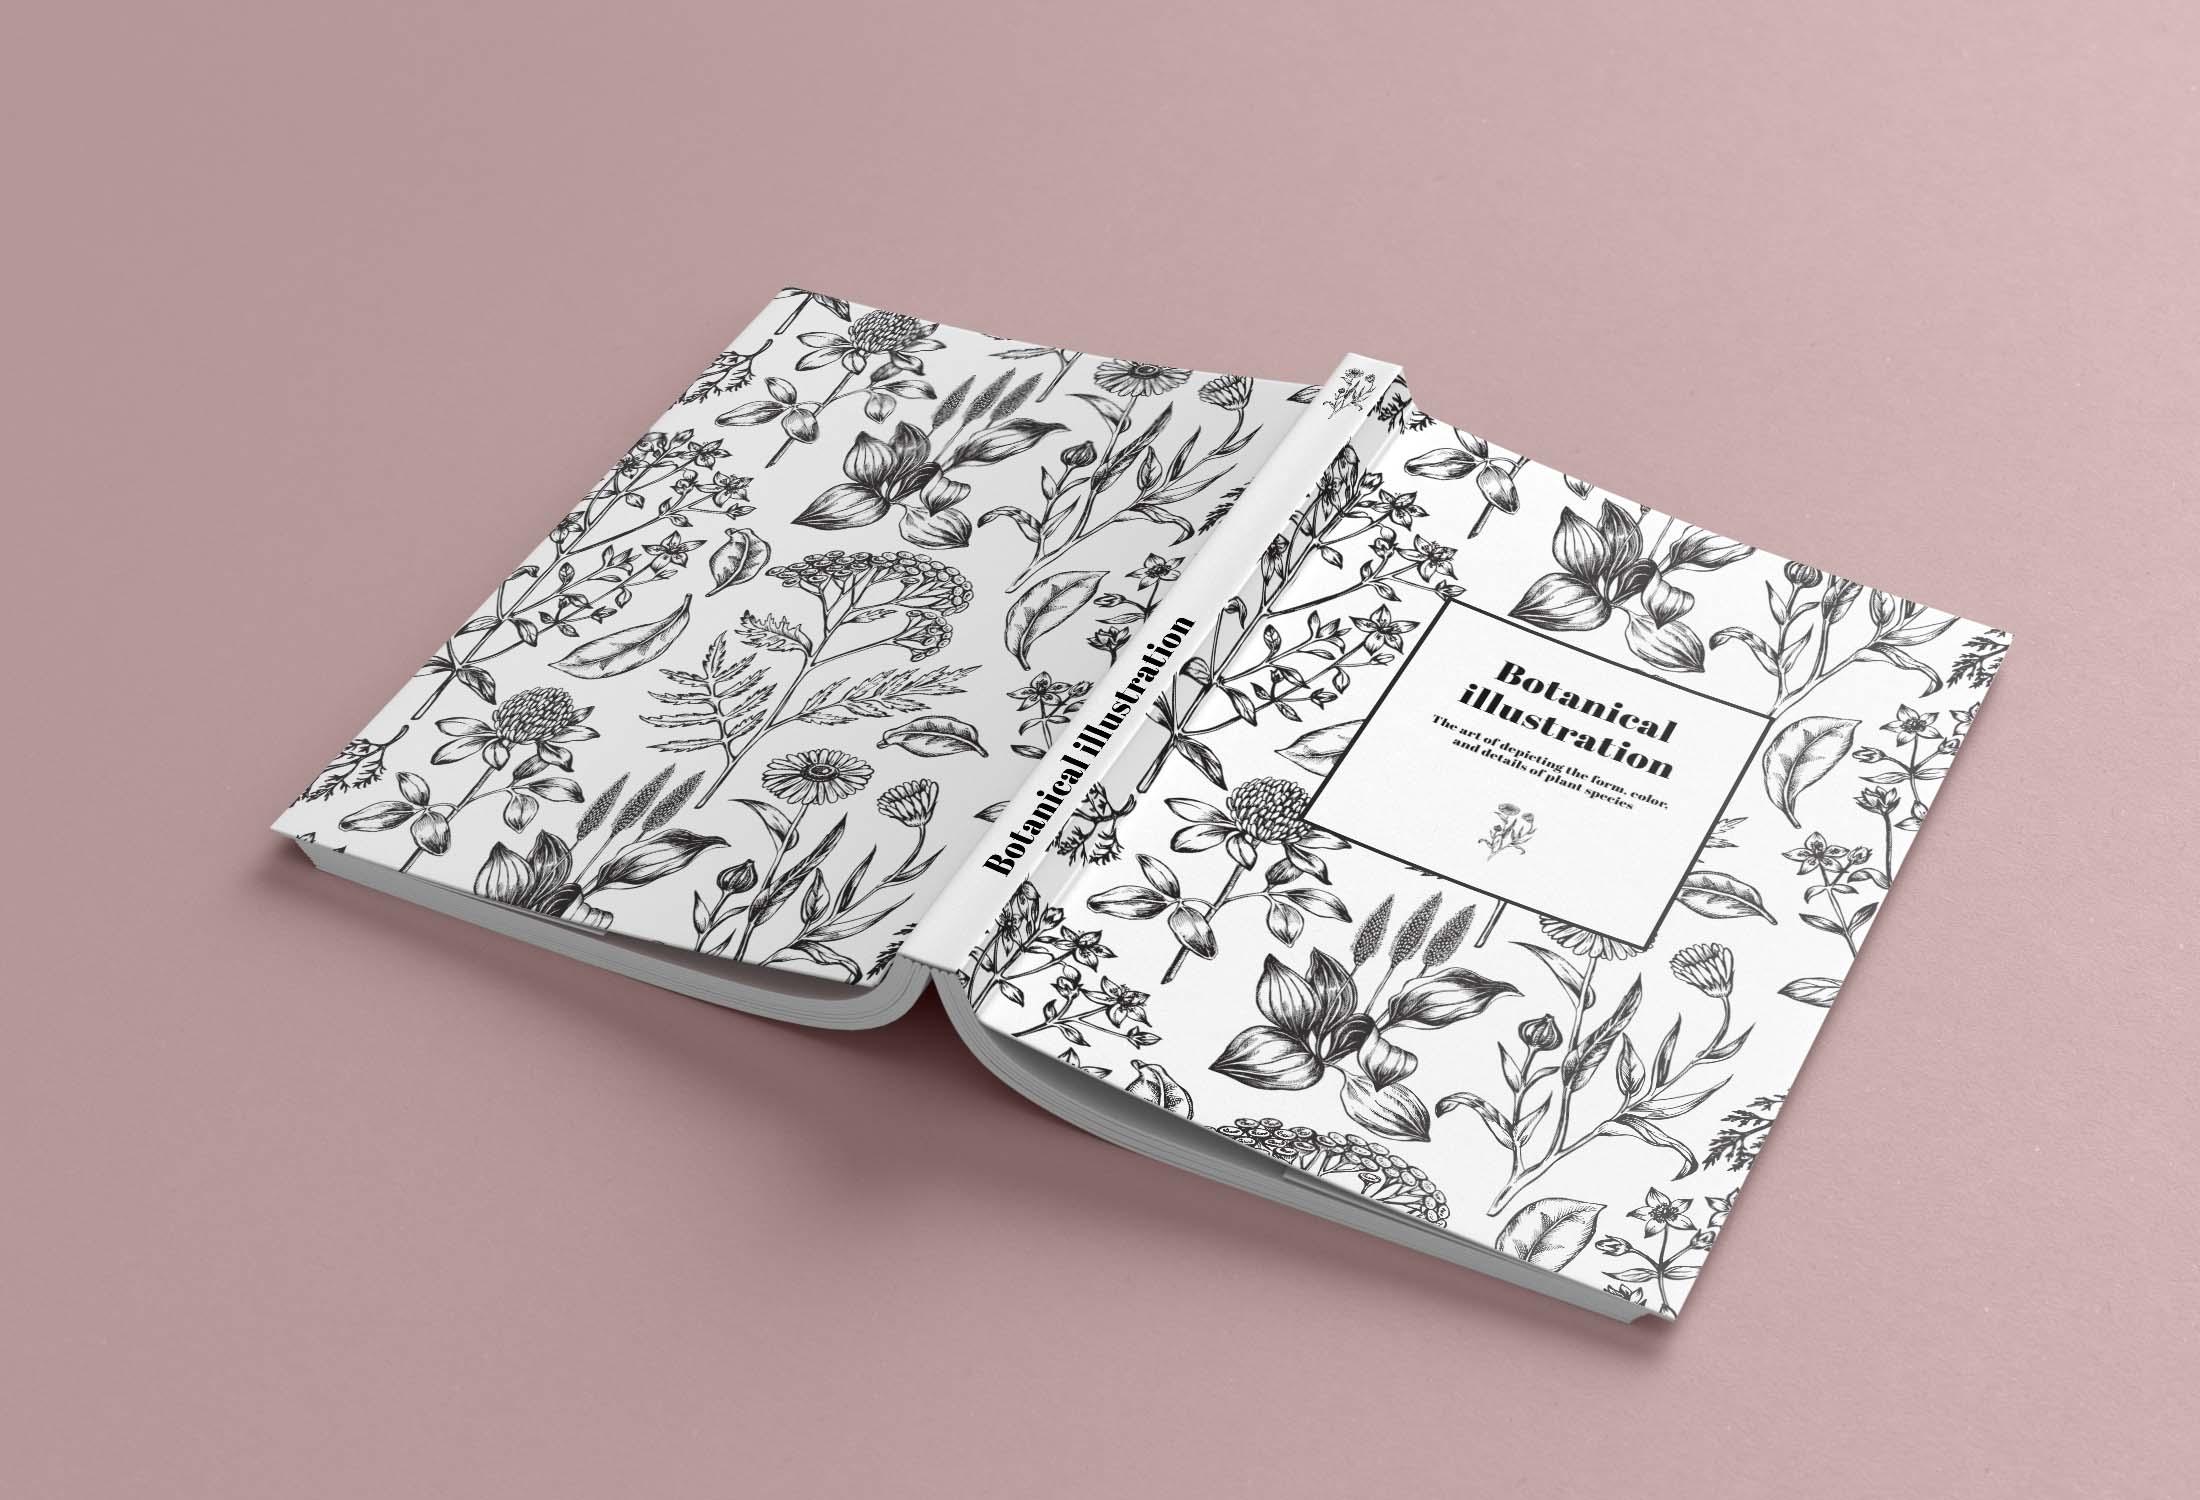 Libro abierto con encuadernación cosida y cubierta blanda